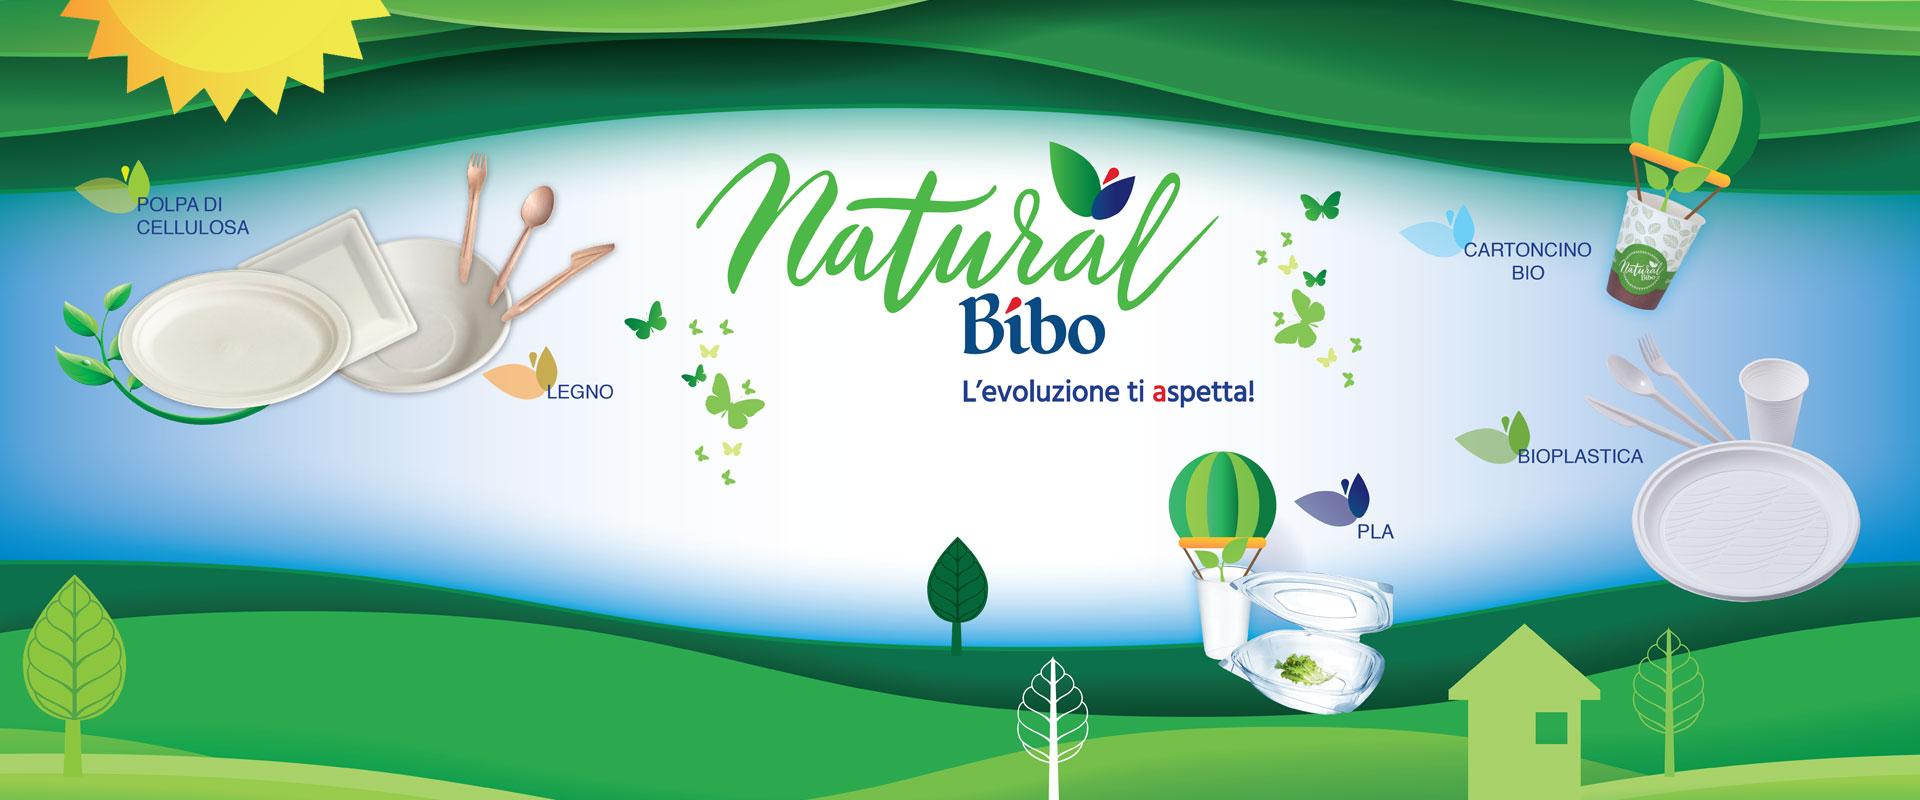 Natural Bibo